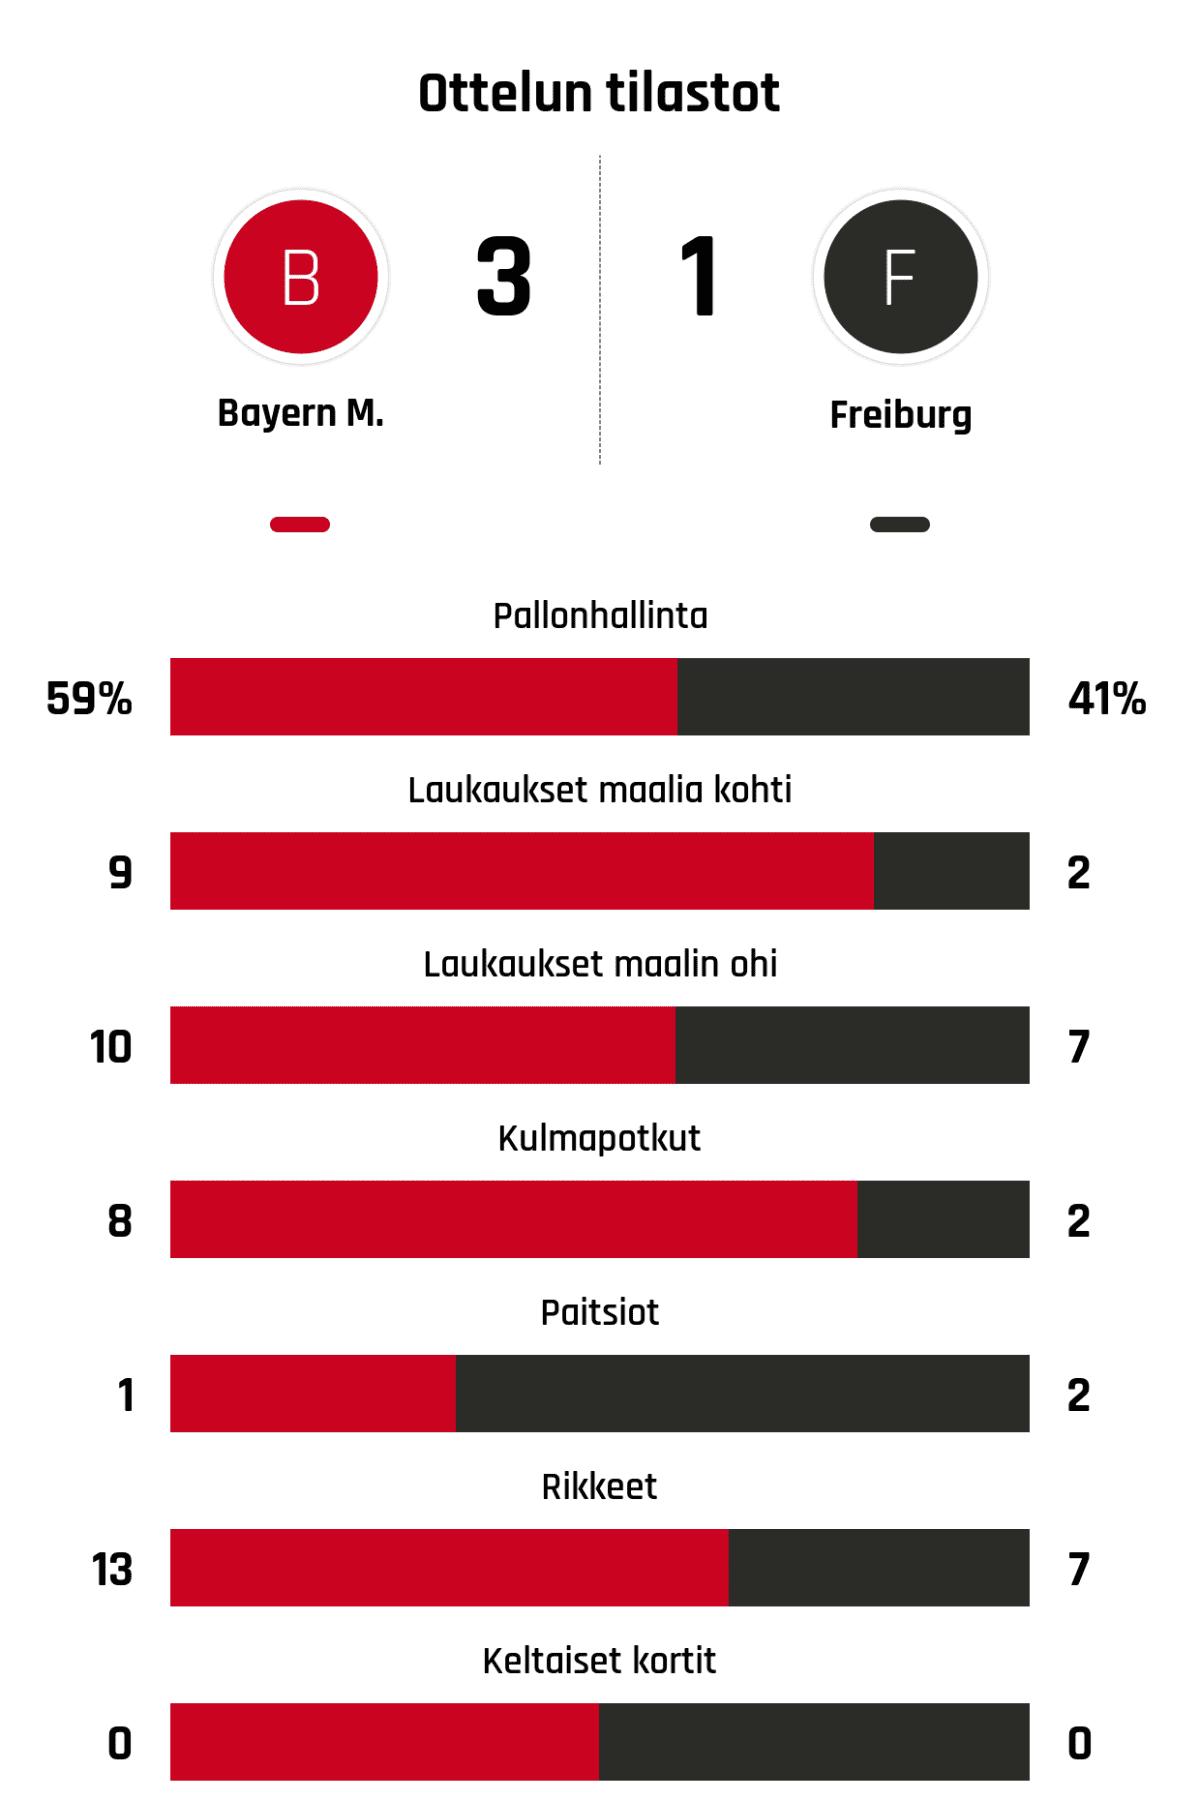 Pallonhallinta 59%-41% Laukaukset maalia kohti 9-2 Laukaukset maalin ohi 10-7 Kulmapotkut 8-2 Paitsiot 1-2 Rikkeet 13-7 Keltaiset kortit 0-0